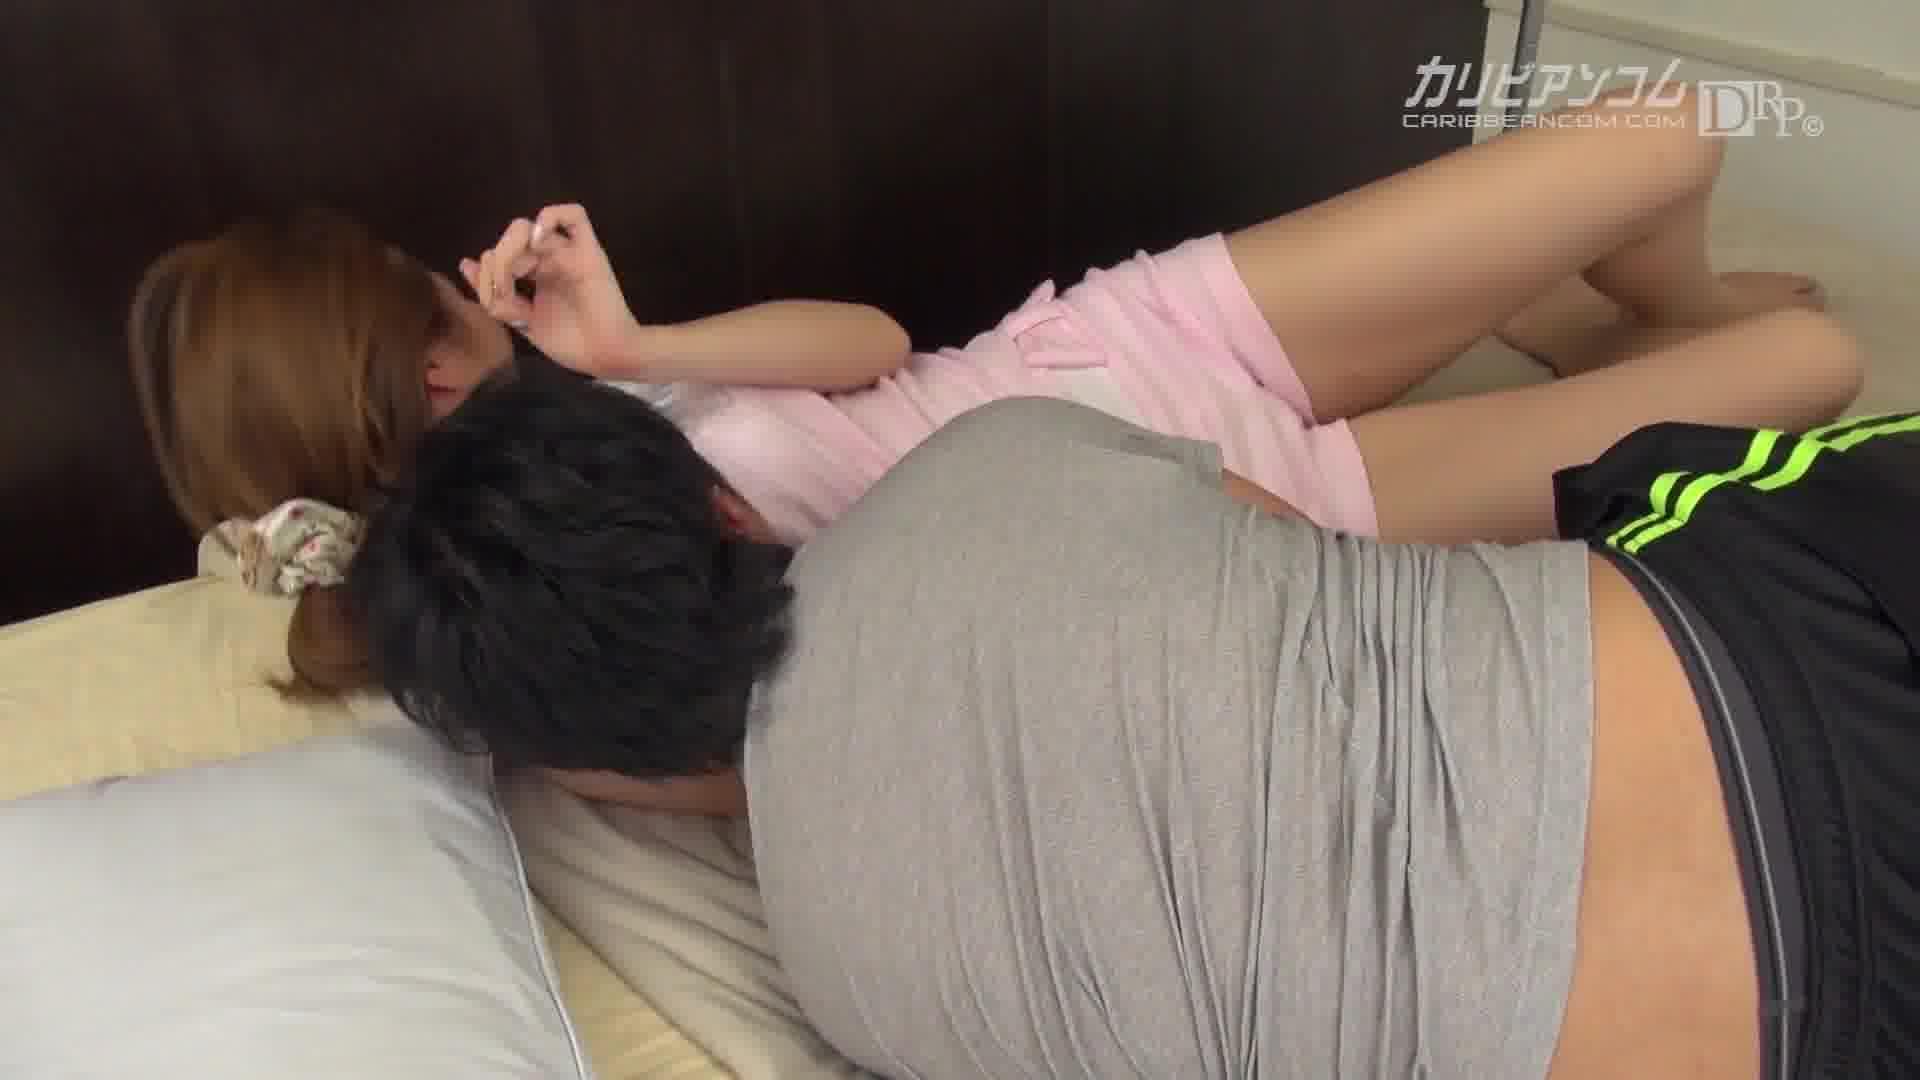 巨乳添い寝嬢の子守歌 - 一ノ瀬ルカ【巨乳・潮吹き・中出し】